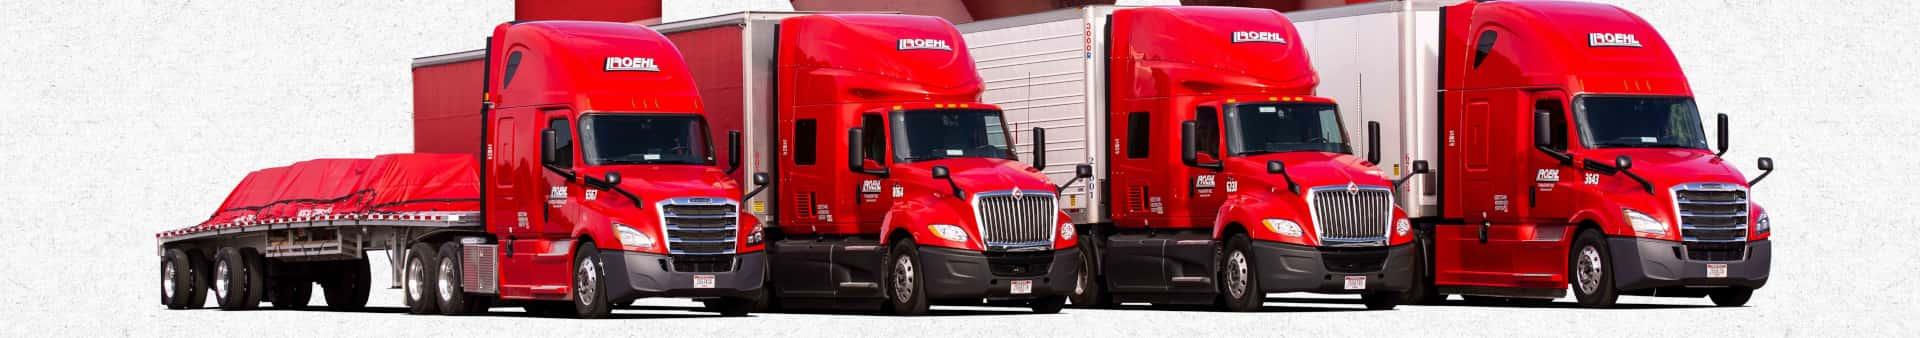 roehl trucks